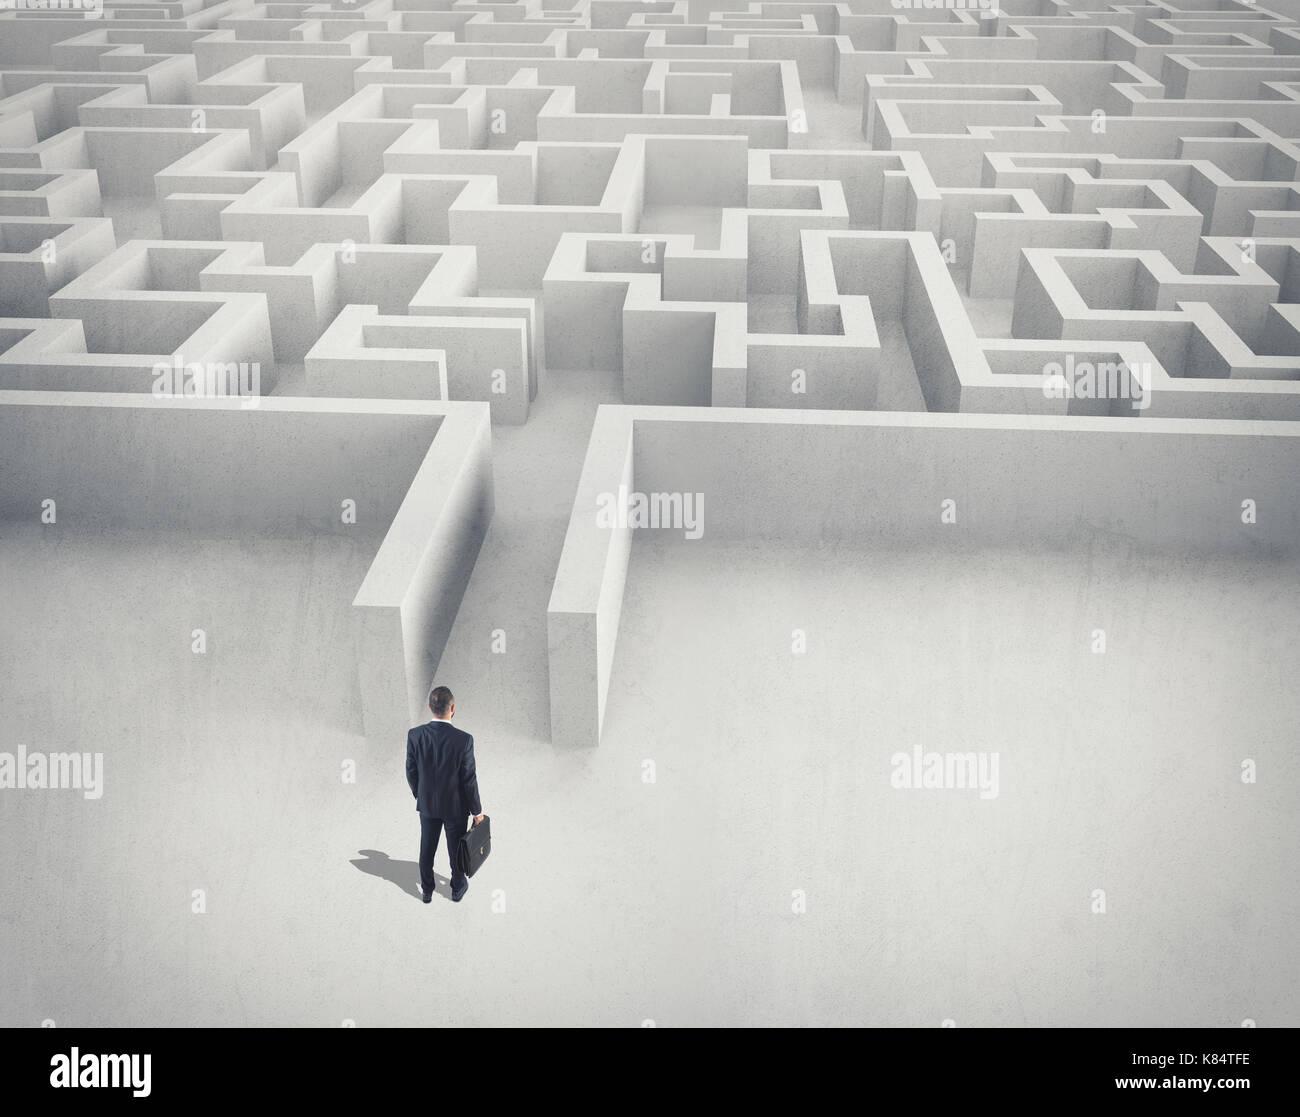 Défi commercial. Un homme d'affaires à naviguer dans un labyrinthe. Vue de dessus Photo Stock